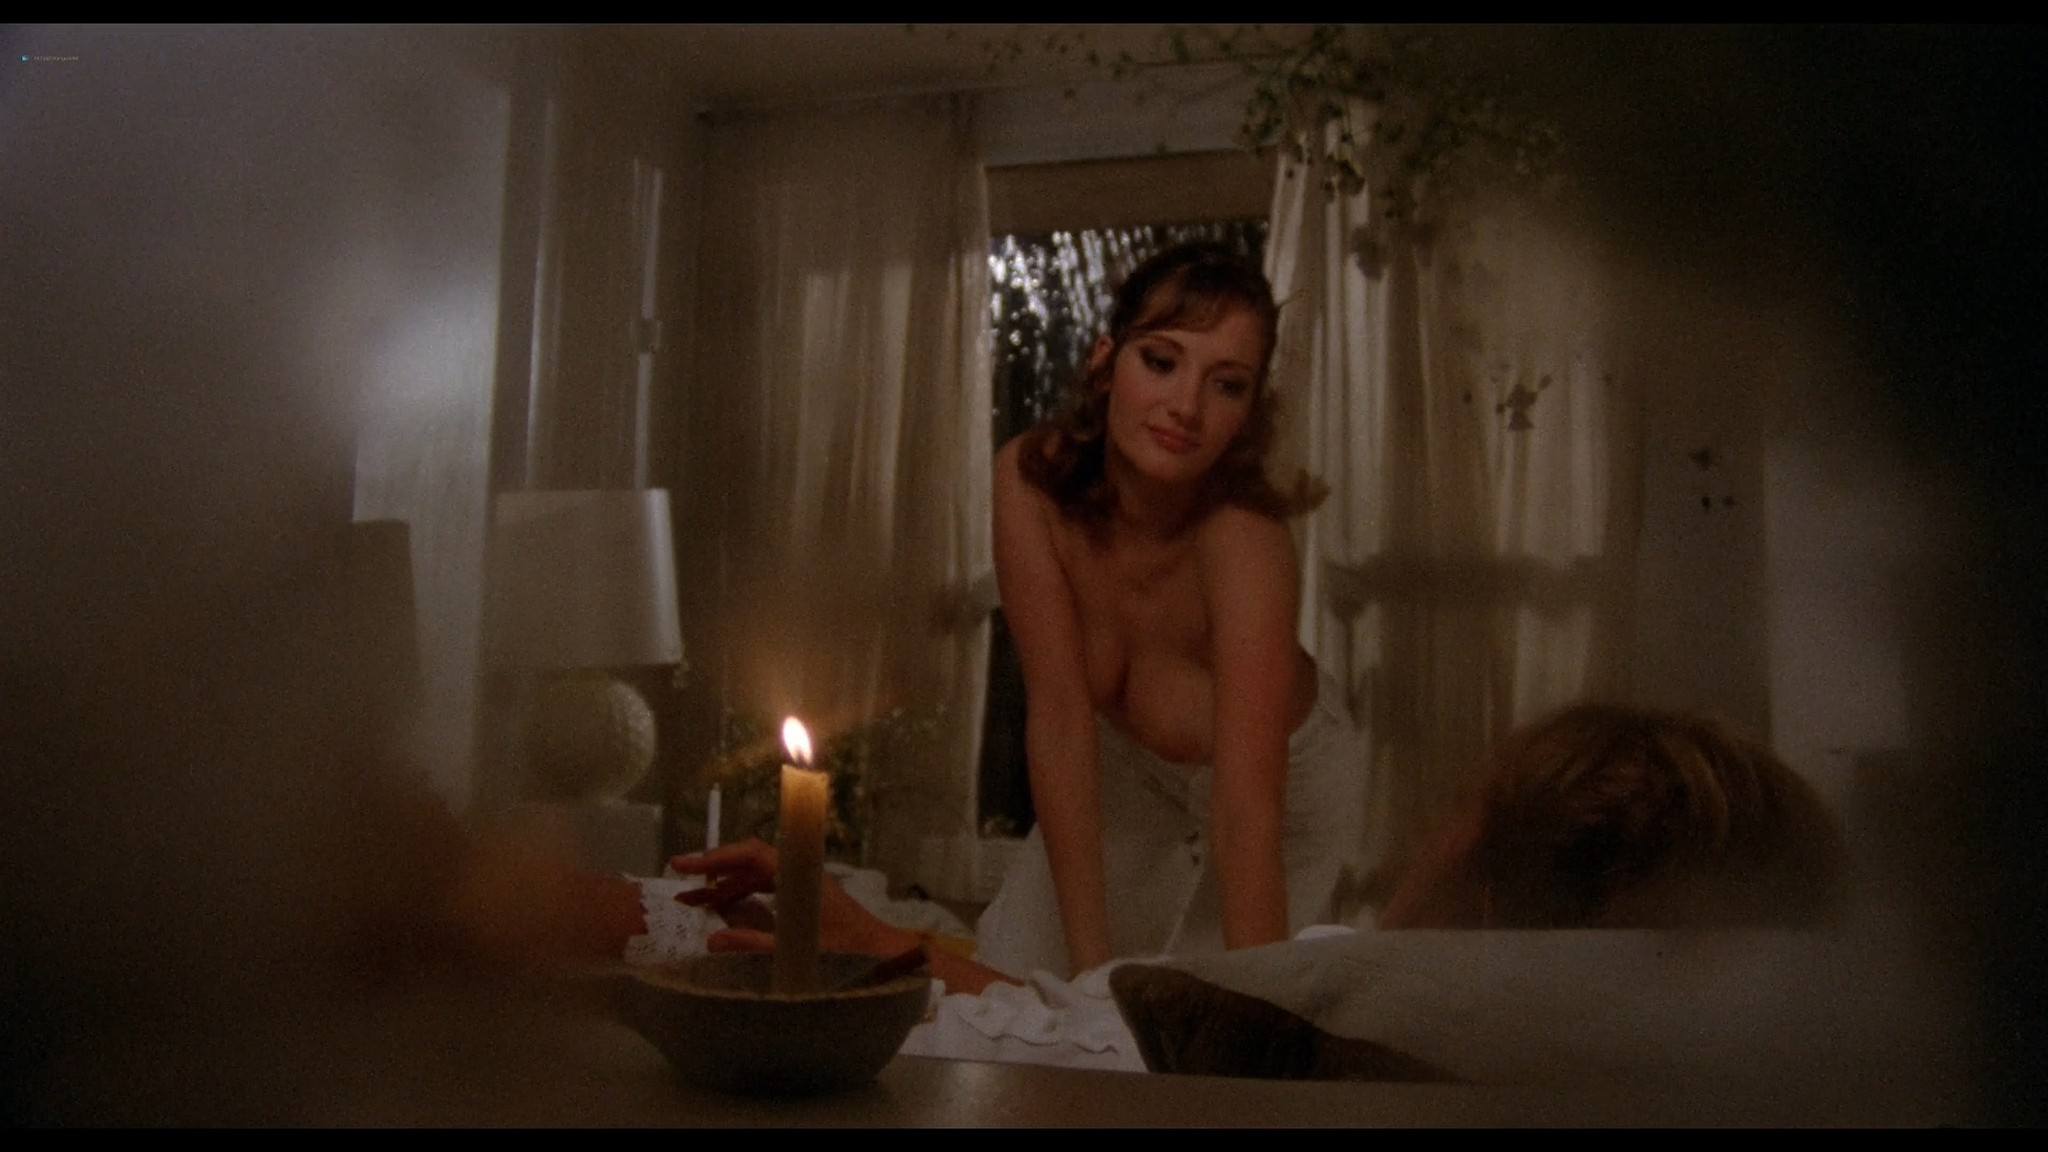 Dalila Di Lazzaro nude full frontal Vanessa Vitale nude – La ragazza dal pigiama giallo IT 1977 1080p BluRay REMUX 2